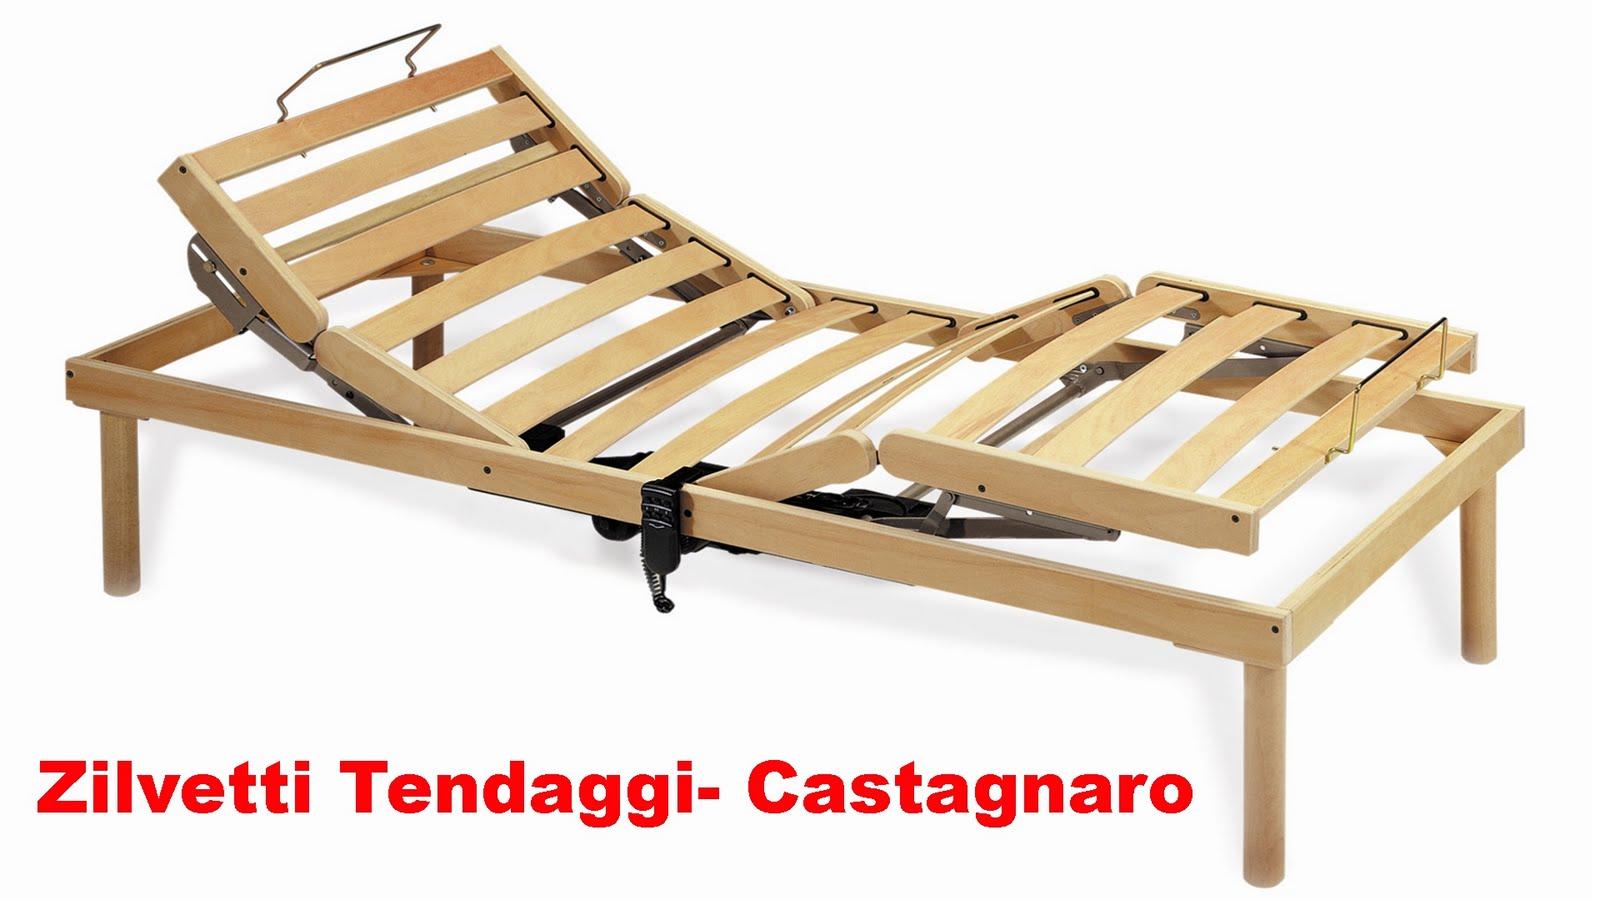 Tende materassi letti poltrone divani zilvetti tendaggi reti per materasso a doghe in legno o - Reti da letto ikea ...